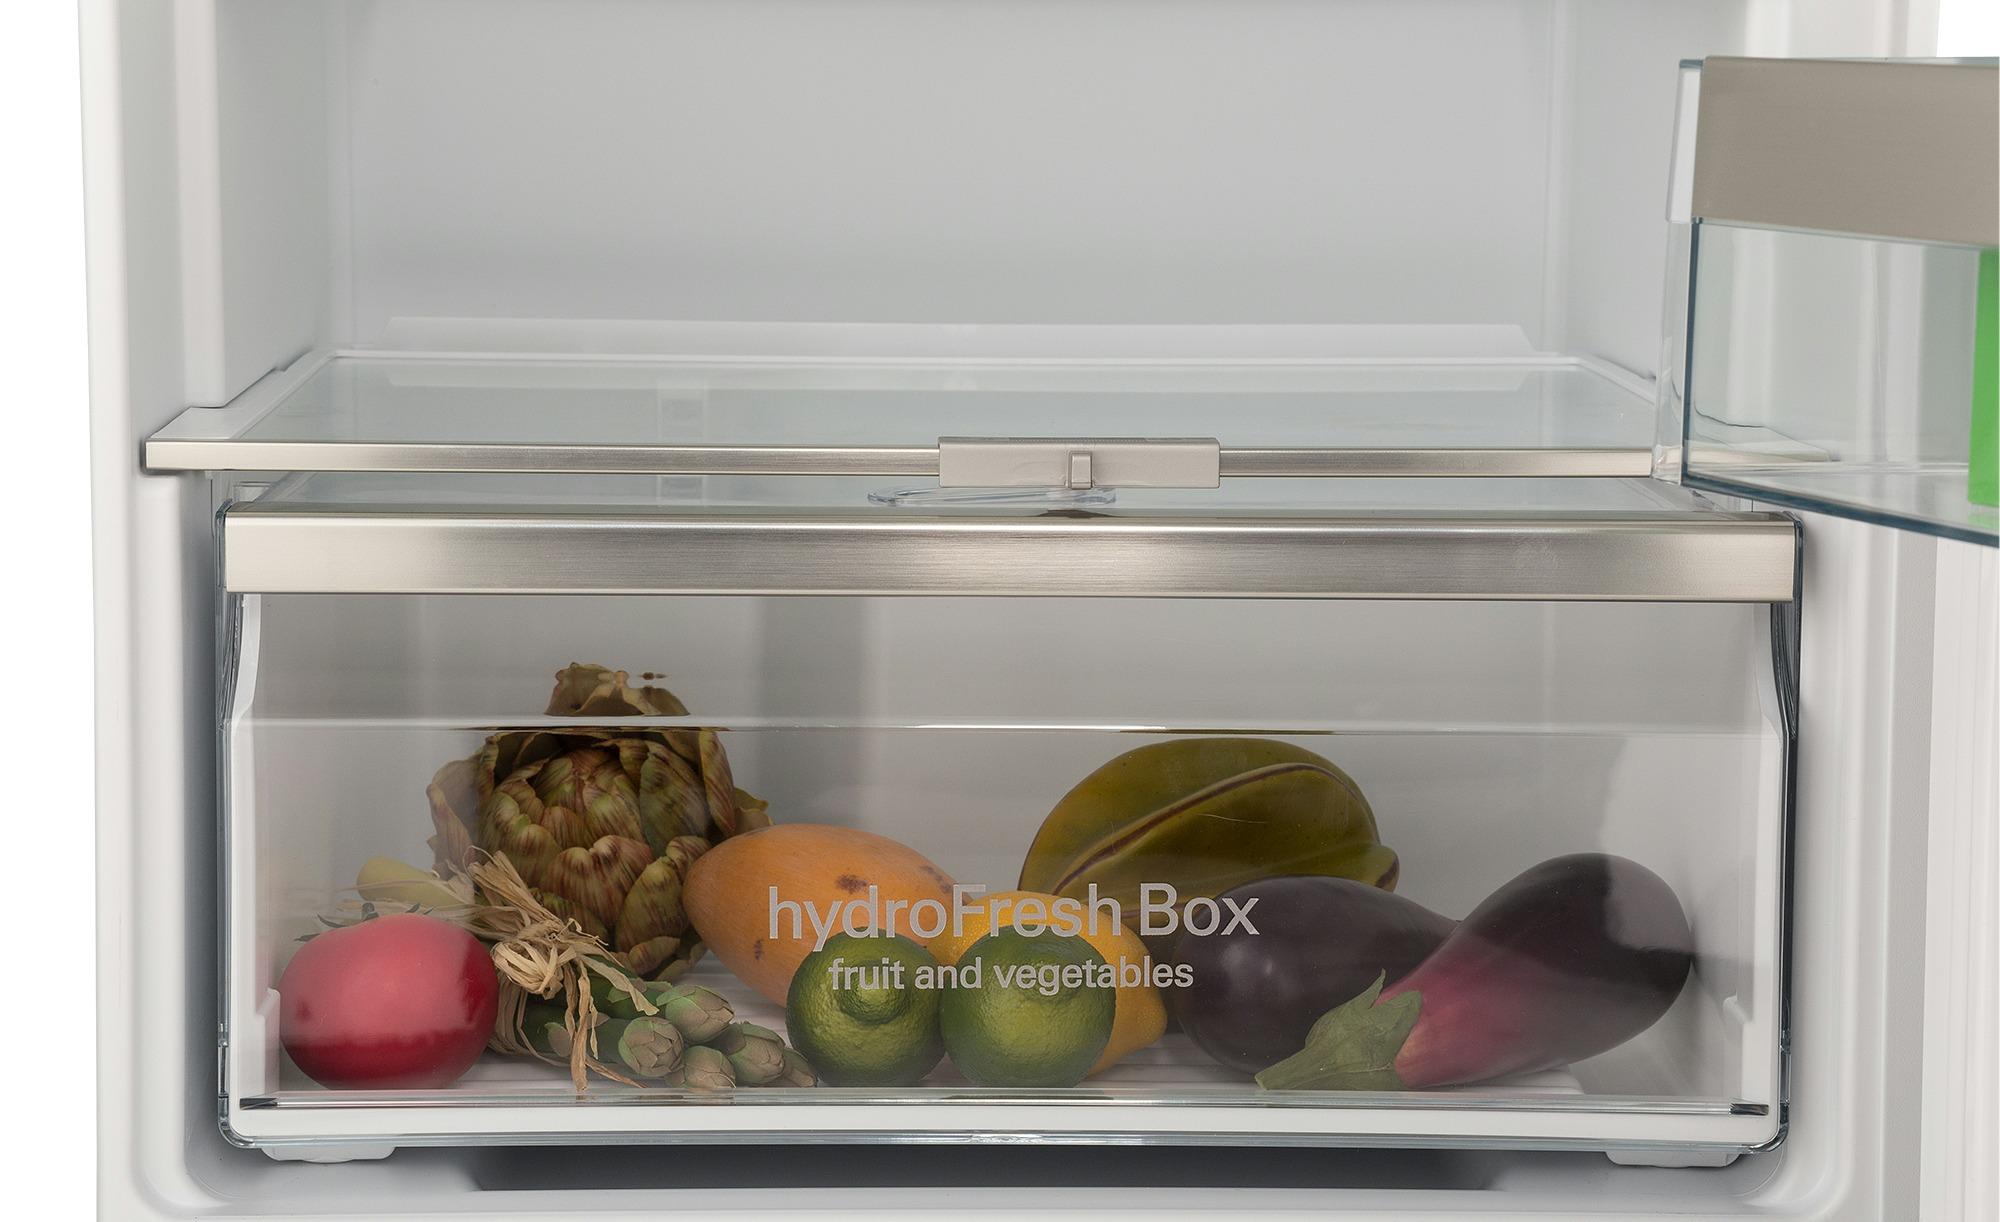 Siemens Kühlschrank In Betrieb Nehmen : Siemens einbau kühlschrank ki laf bei möbel kraft online kaufen